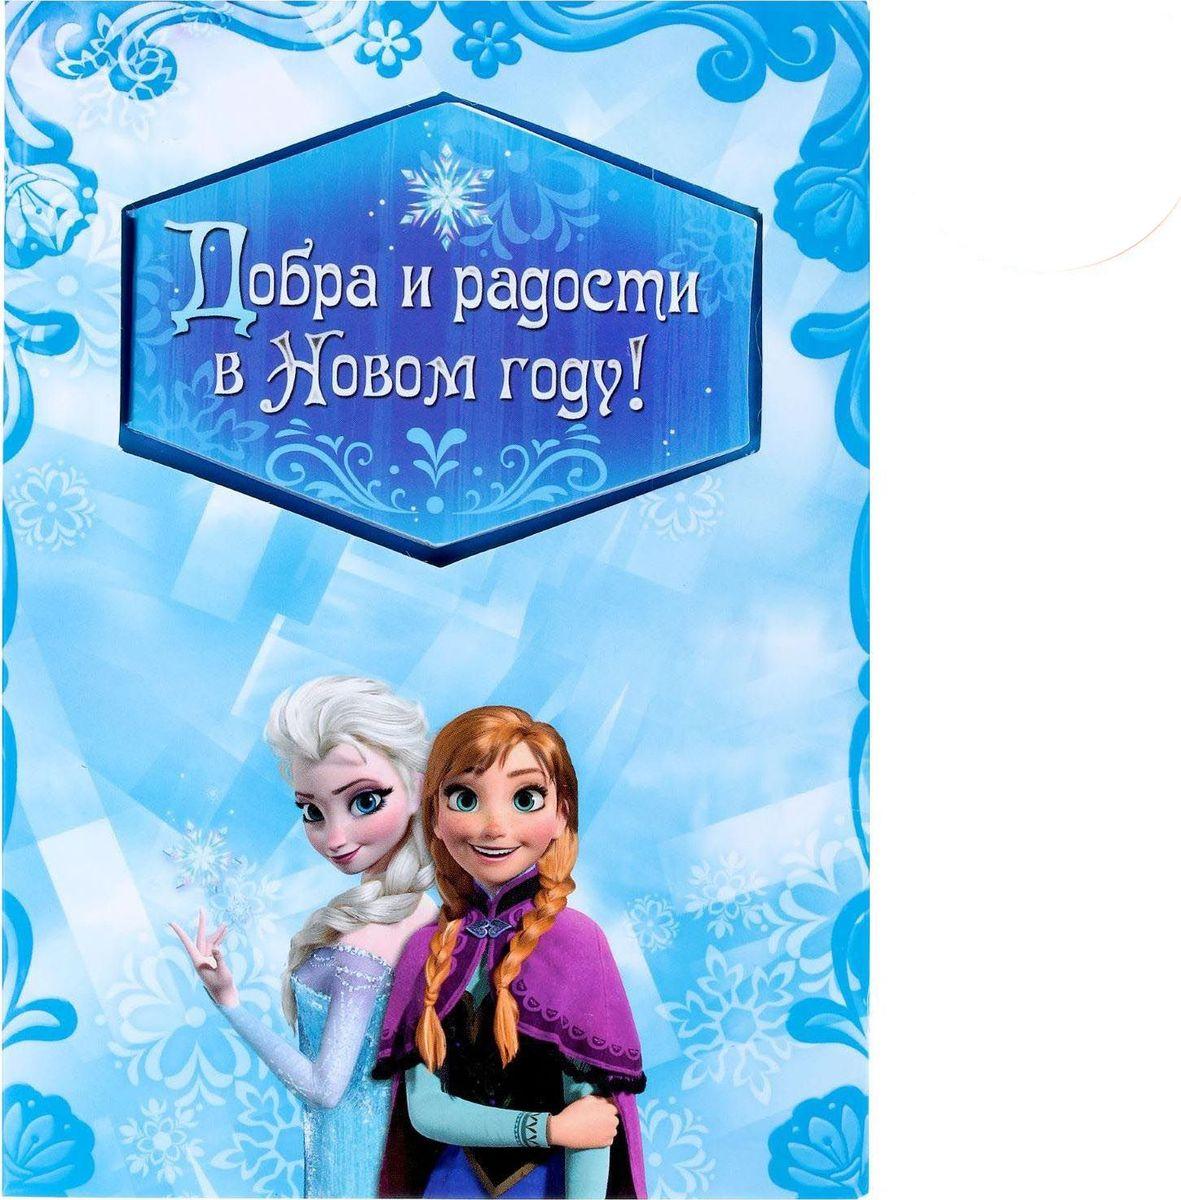 Disney Набор с блокнотом и открыткой Холодное сердце Добра и радости в новом году1381857Писать заметки веселее с Disney! Открытка с блокнотом Добра и радости в новом году!, Холодное сердце — прекрасный подарок для малышей. Любимые герои мультфильмов, нарисованные на открытке, сделают любой день юного владельца чуточку лучше. Ведь так здорово писать заметки, разглядывая очаровательные картинки! Блокнот надежно сохранит список дел или контактов, а открытка с пожеланием и добрыми словами будет спустя годы радовать подросшего малыша. Внутри есть специальное поле для имени получателя и личных пожеланий дарителя.